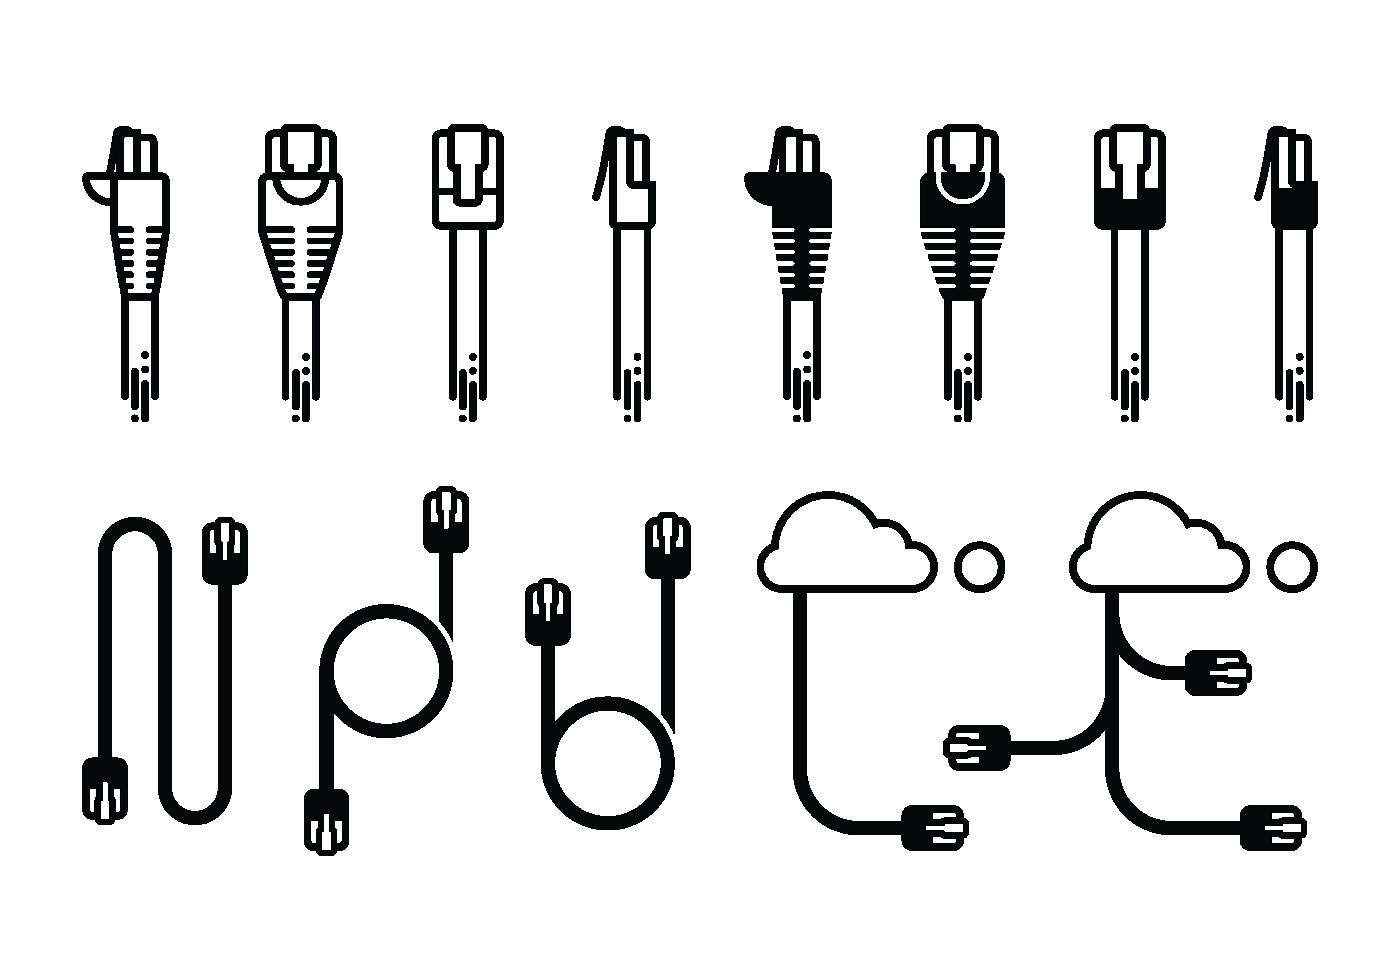 iconos rj45